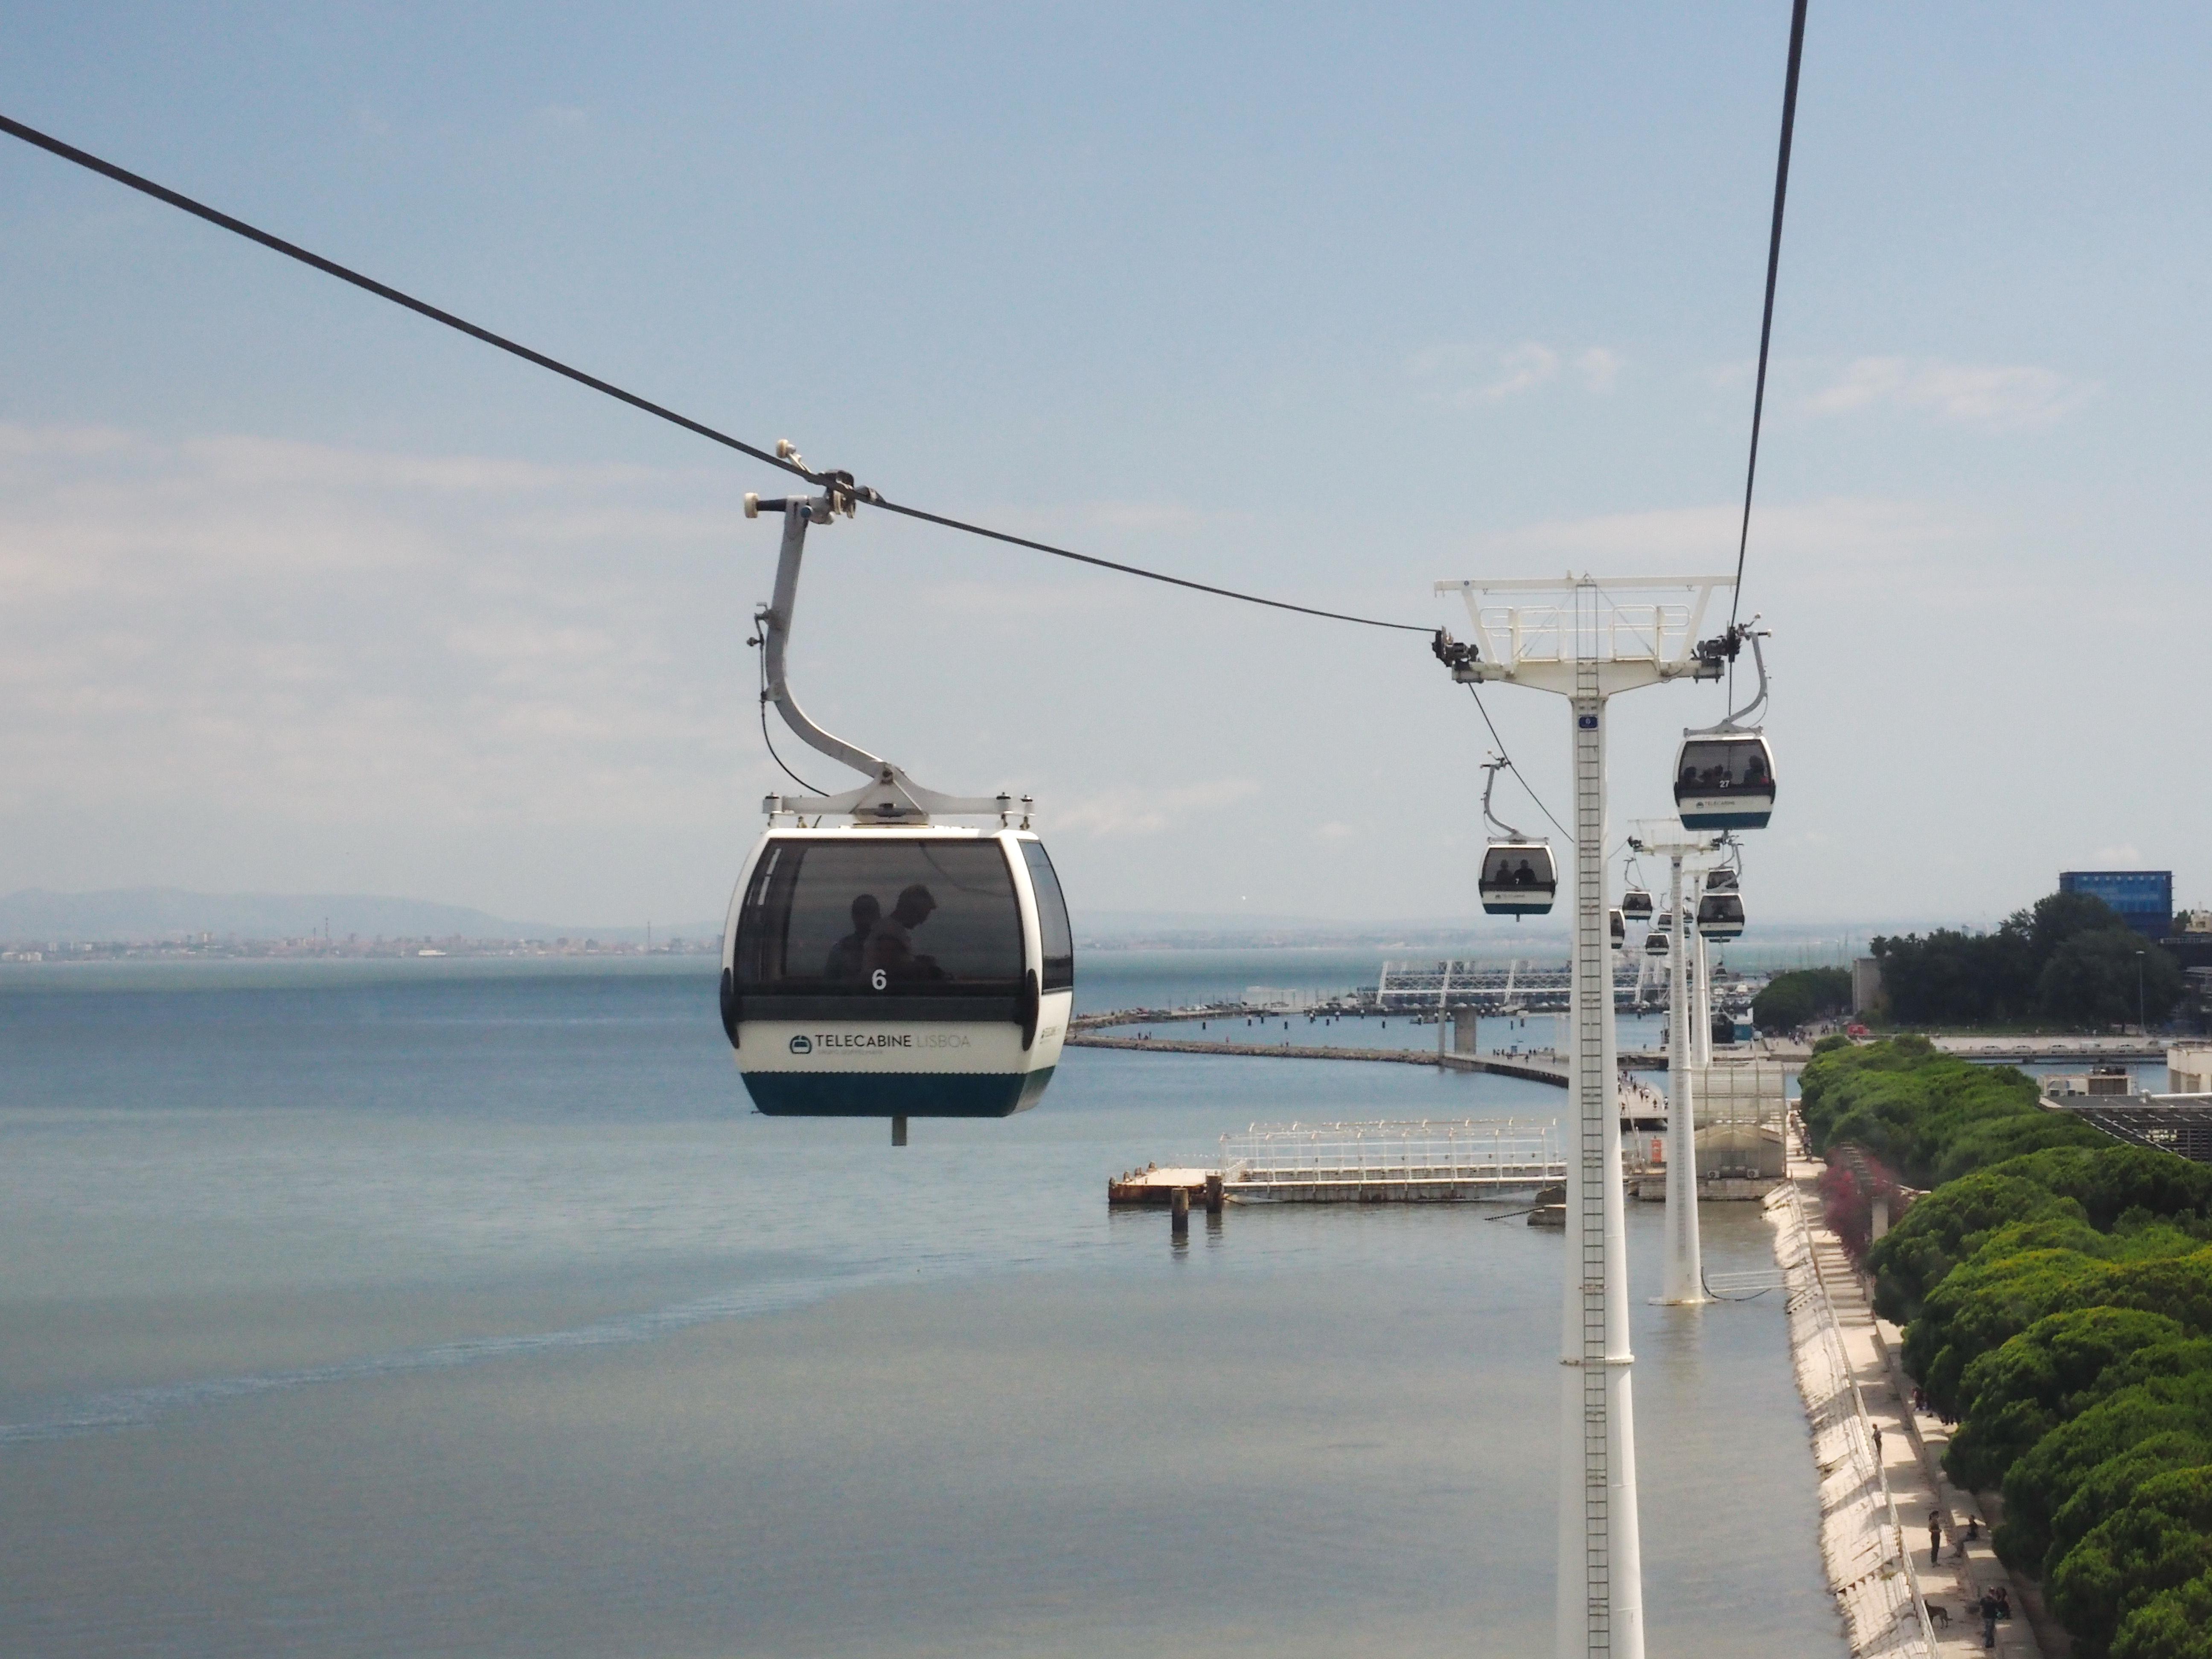 Telecabine Lisboa - Teleférico do Parque das Nações